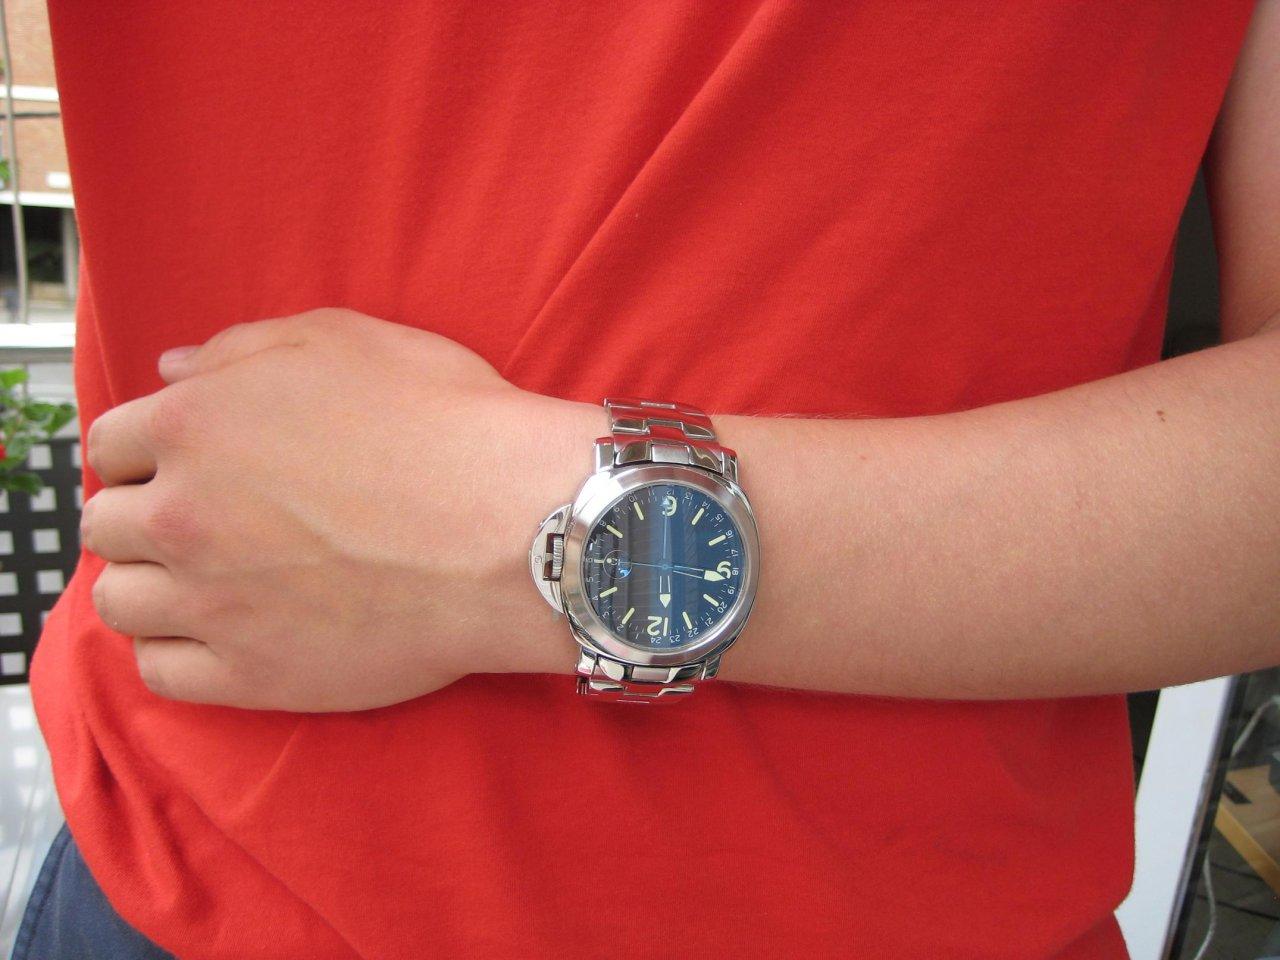 Armbanduhr am arm  Große Uhren, kleines Handgelenk - oder: